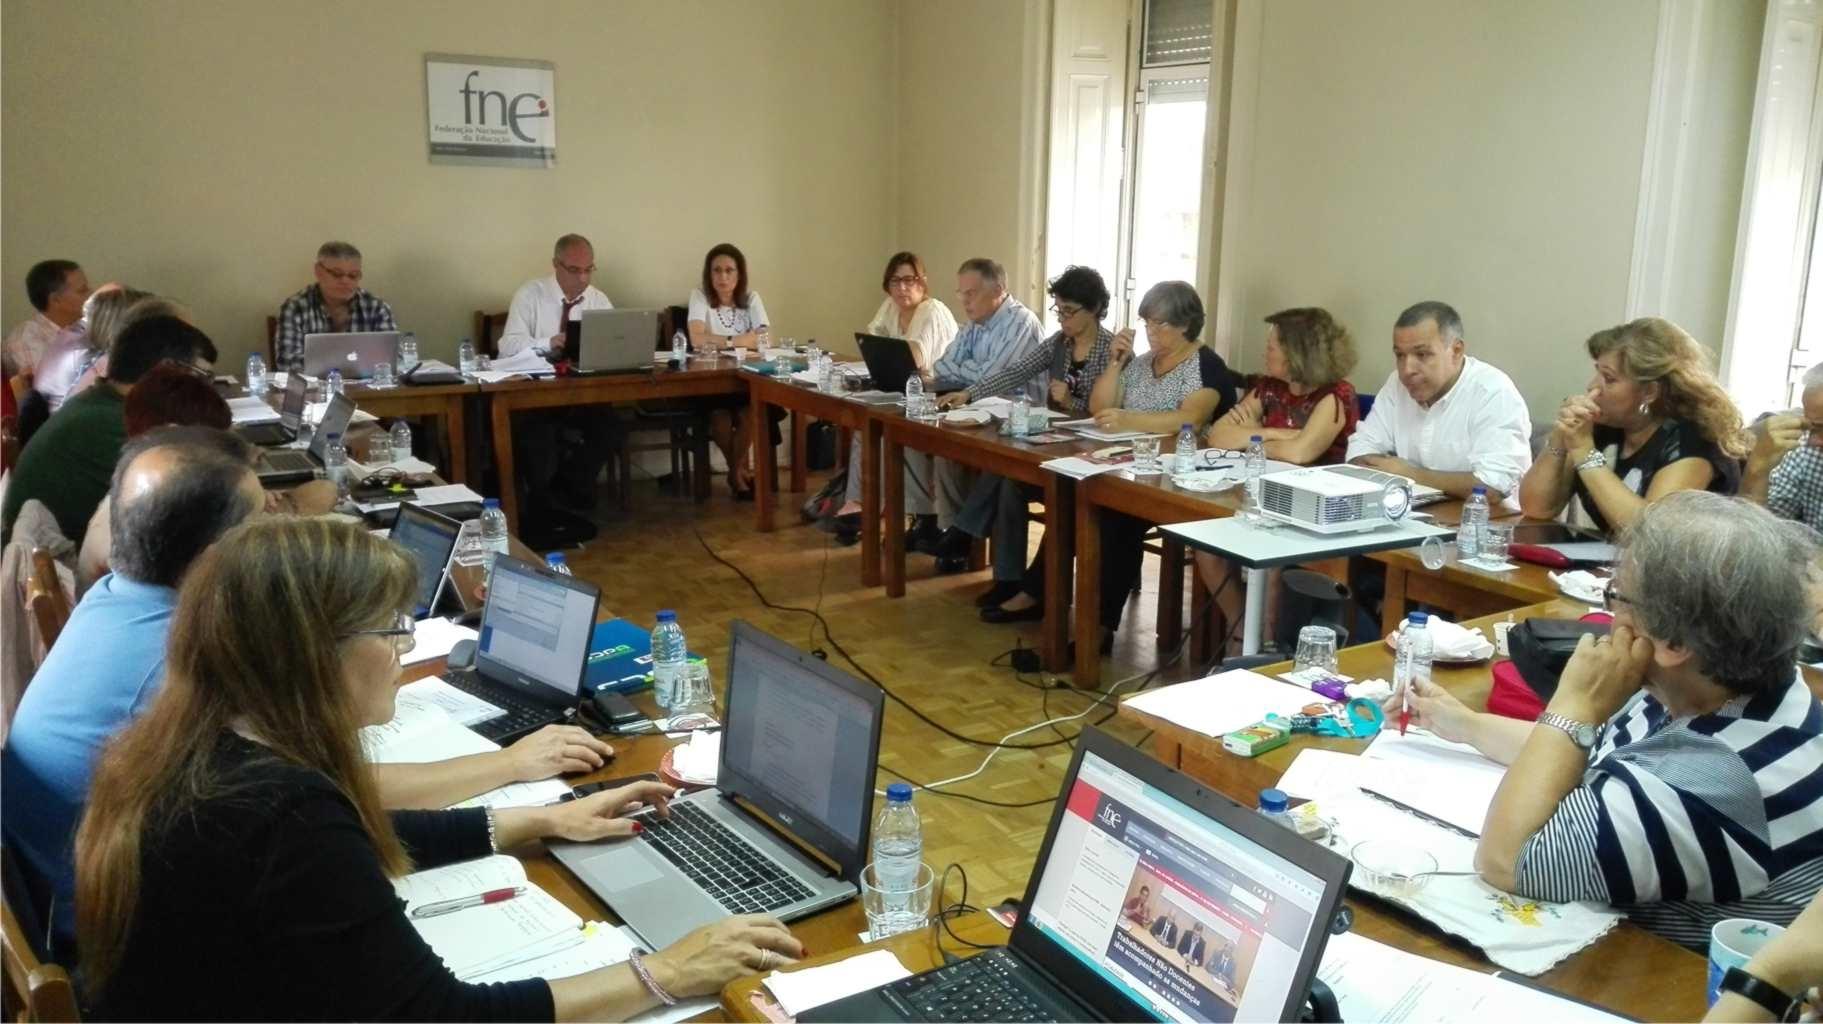 Secretariado Nacional da FNE aprova objetivos para a próxima legislatura